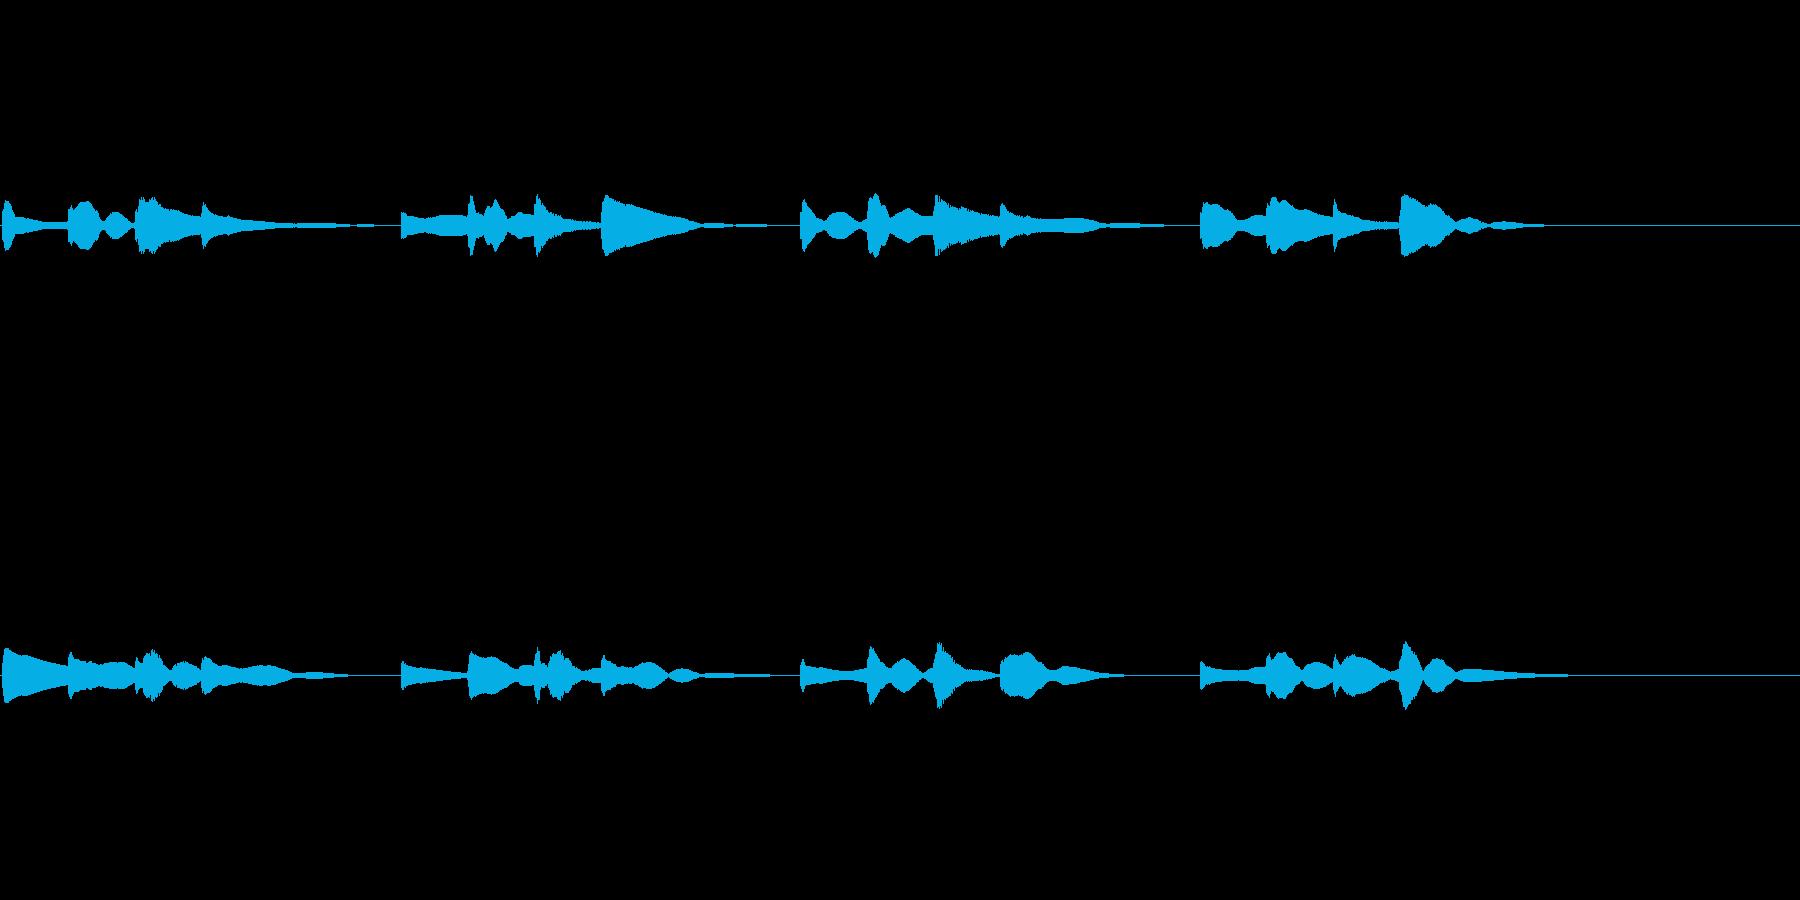 チャイム エコーあり用の再生済みの波形